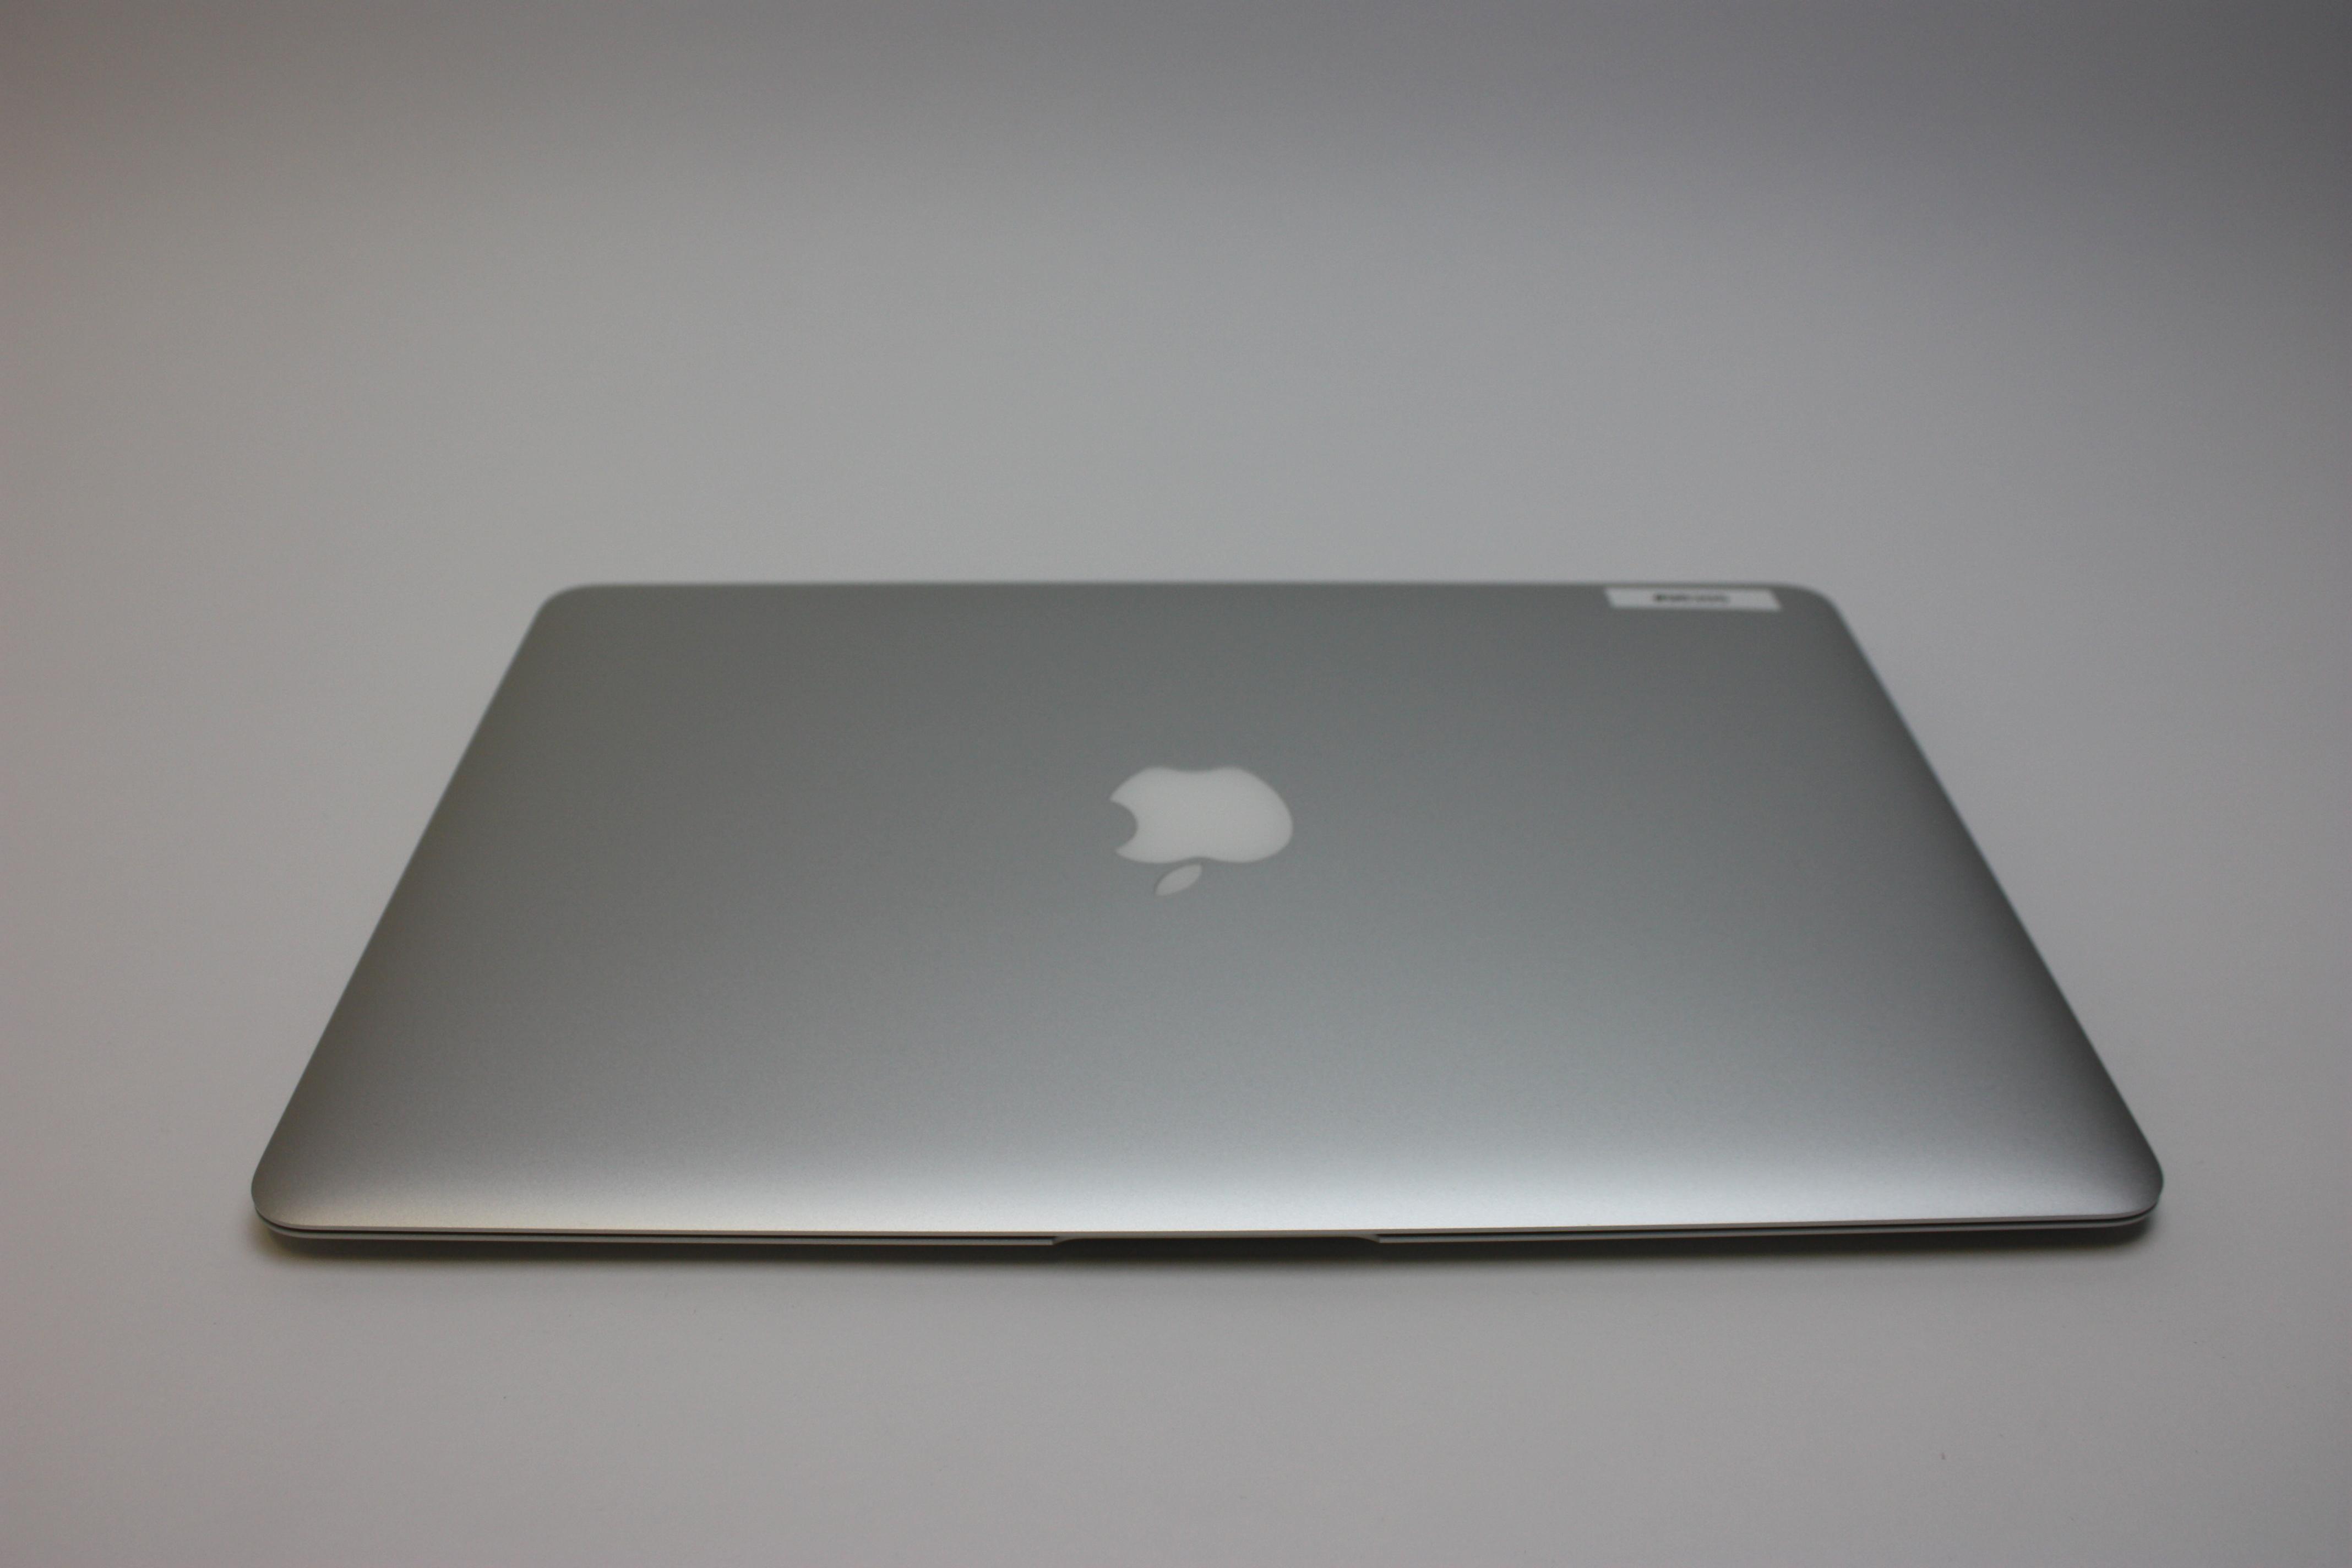 MacBook Air 13-inch, 1.8 GHz Core i5 (I5-5350U), 8 GB 1600 MHz DDR3, 128 GB Flash Storage, image 4